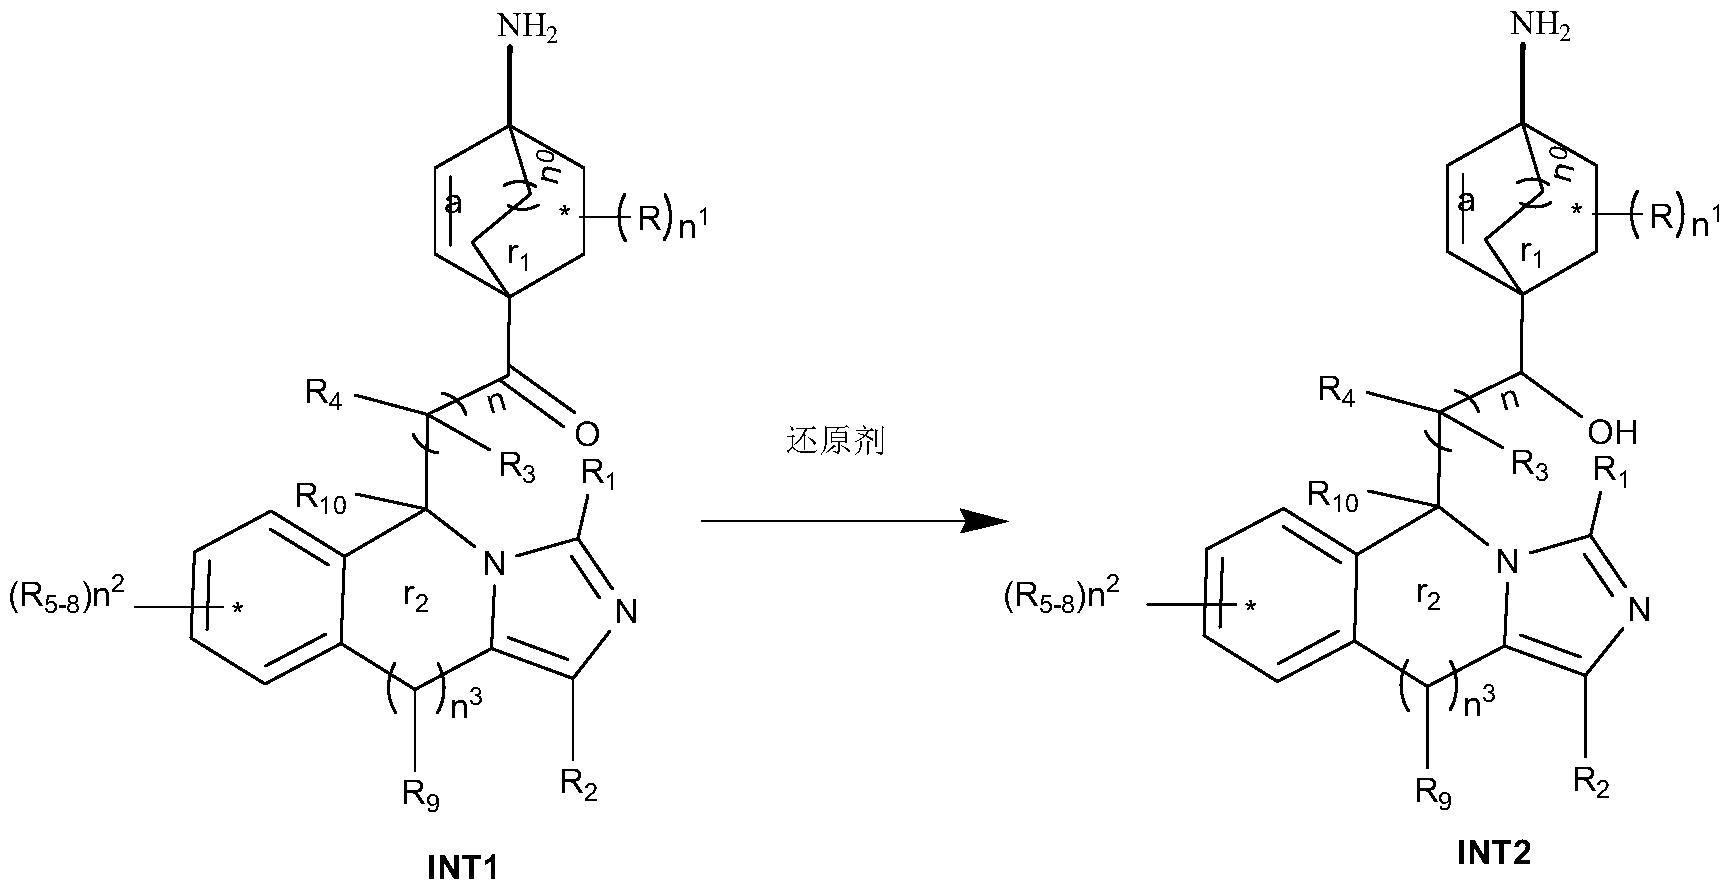 Figure PCTCN2017084604-appb-000065